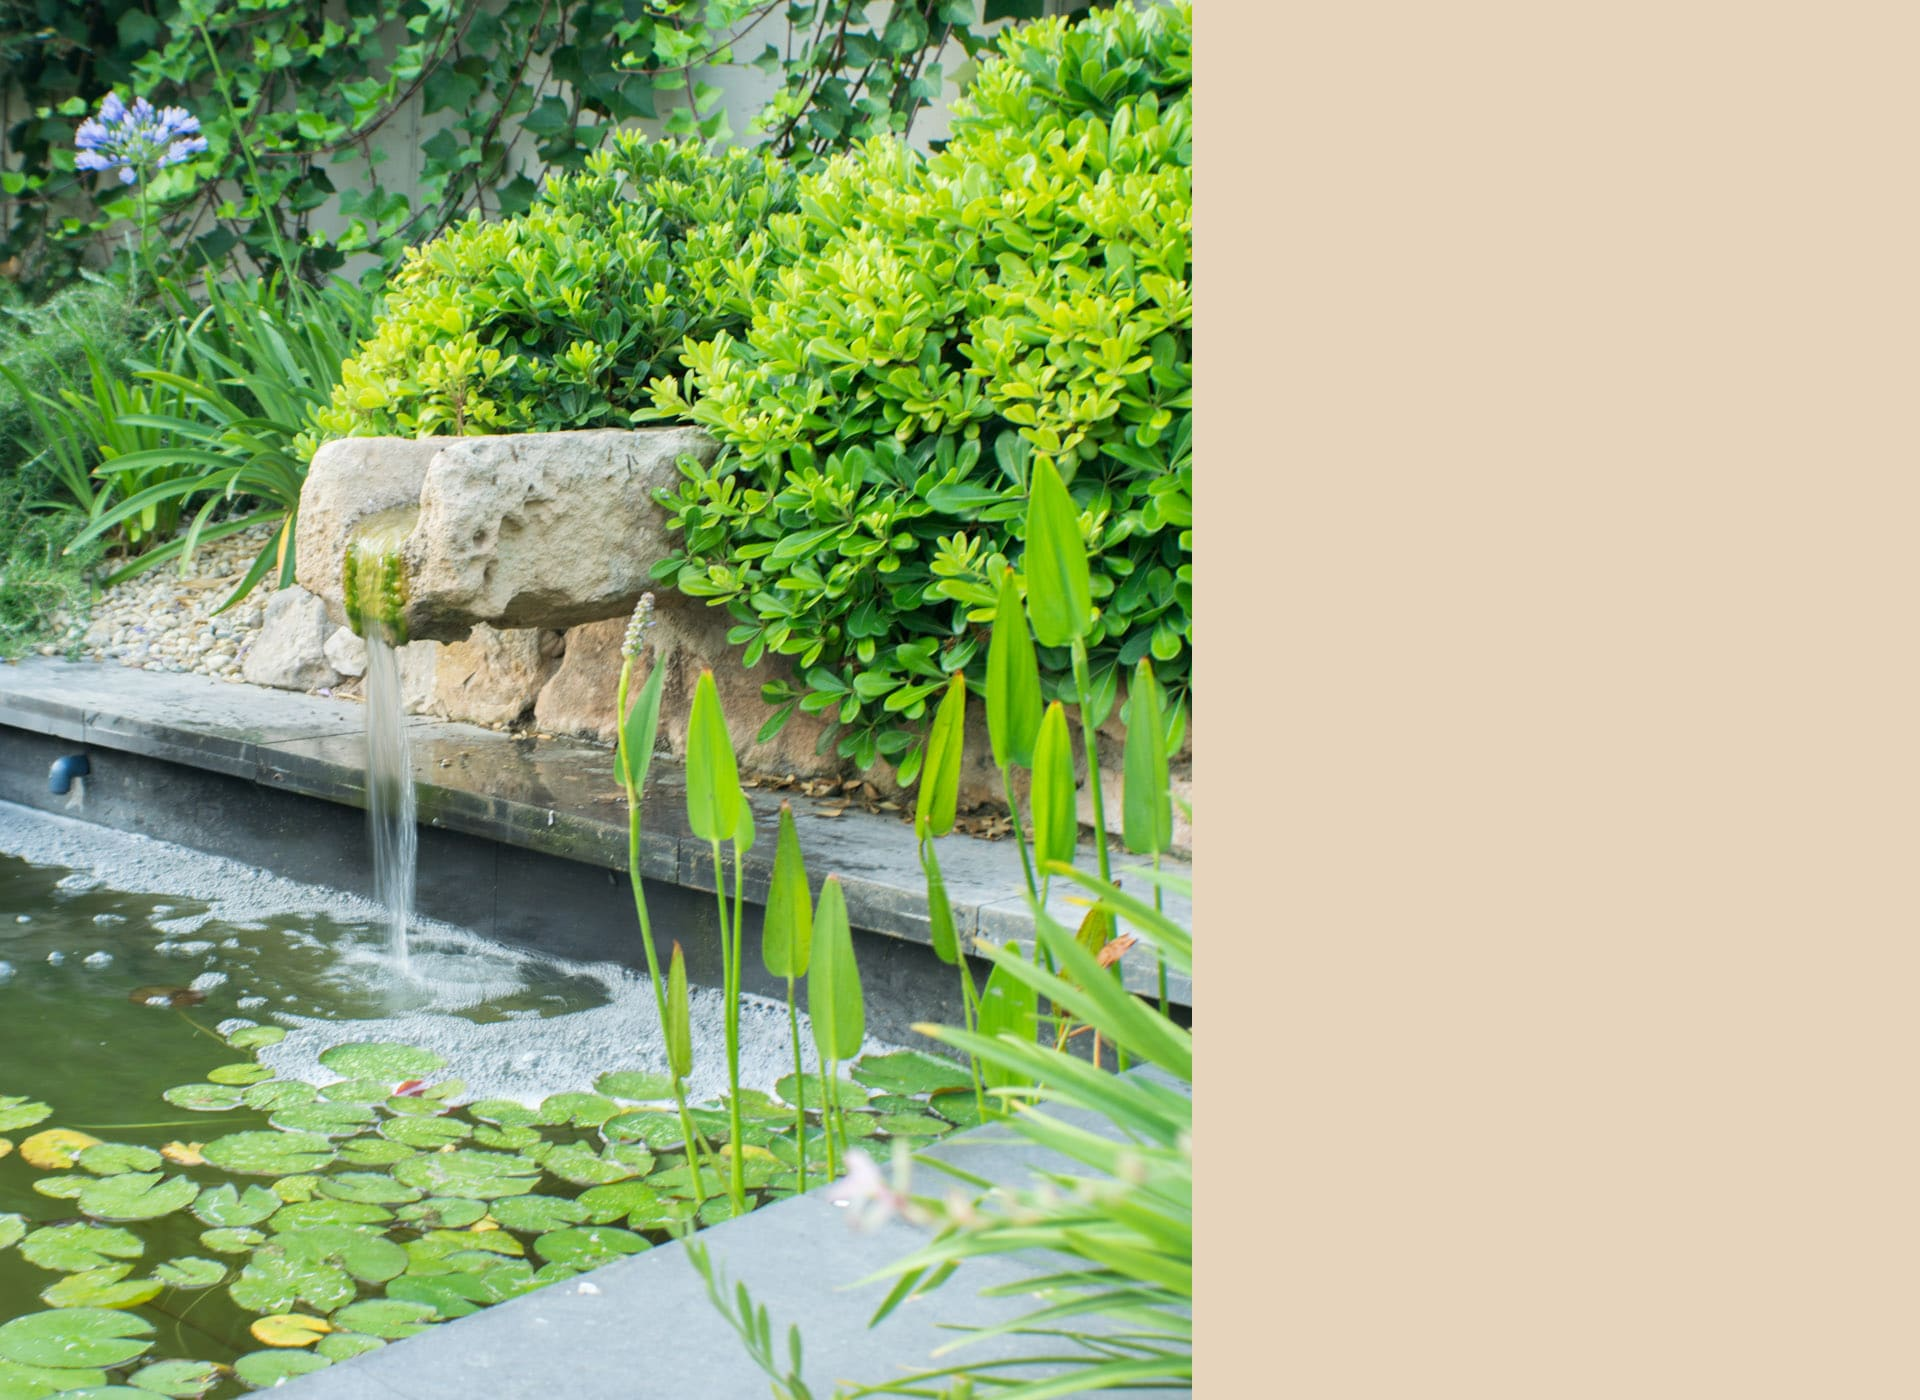 Estanque jardin espectacular fuente paisajismo for Fuente estanque jardin